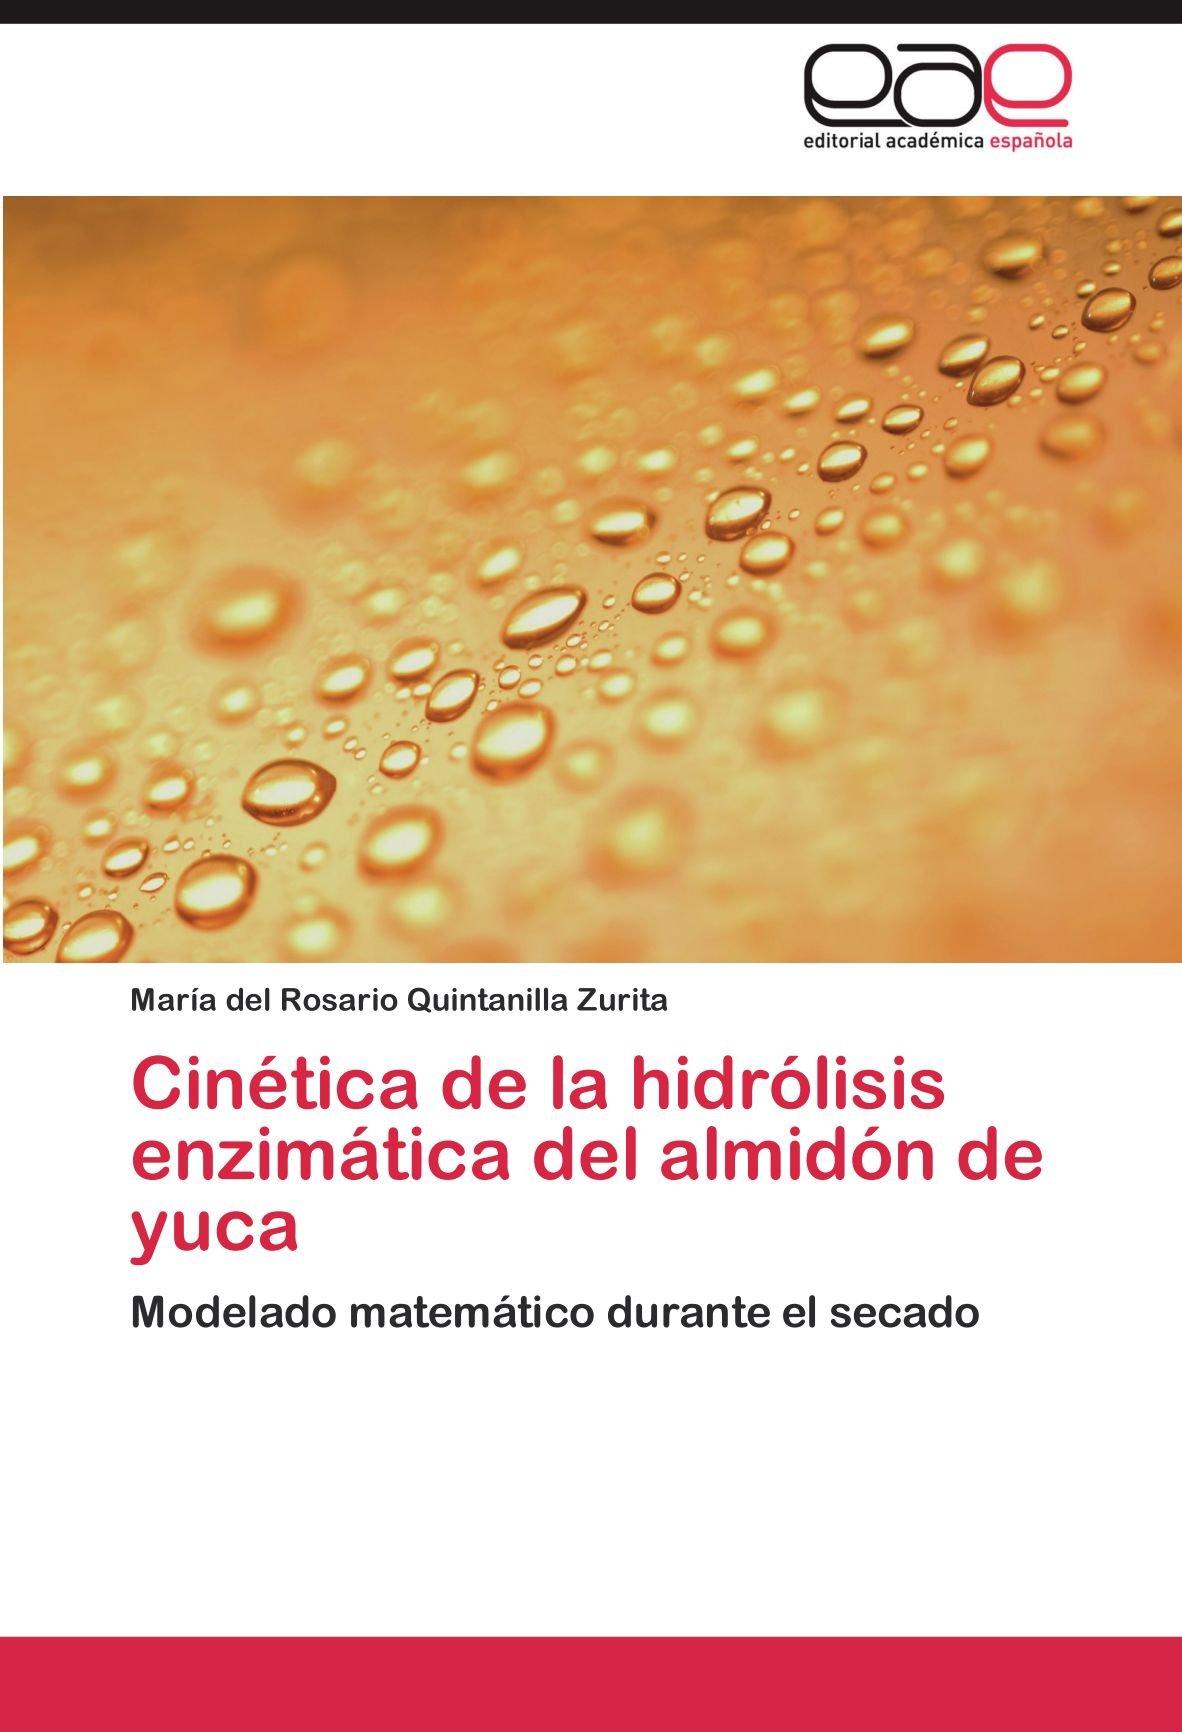 Cinética de la hidrólisis enzimática del almidón de yuca ...